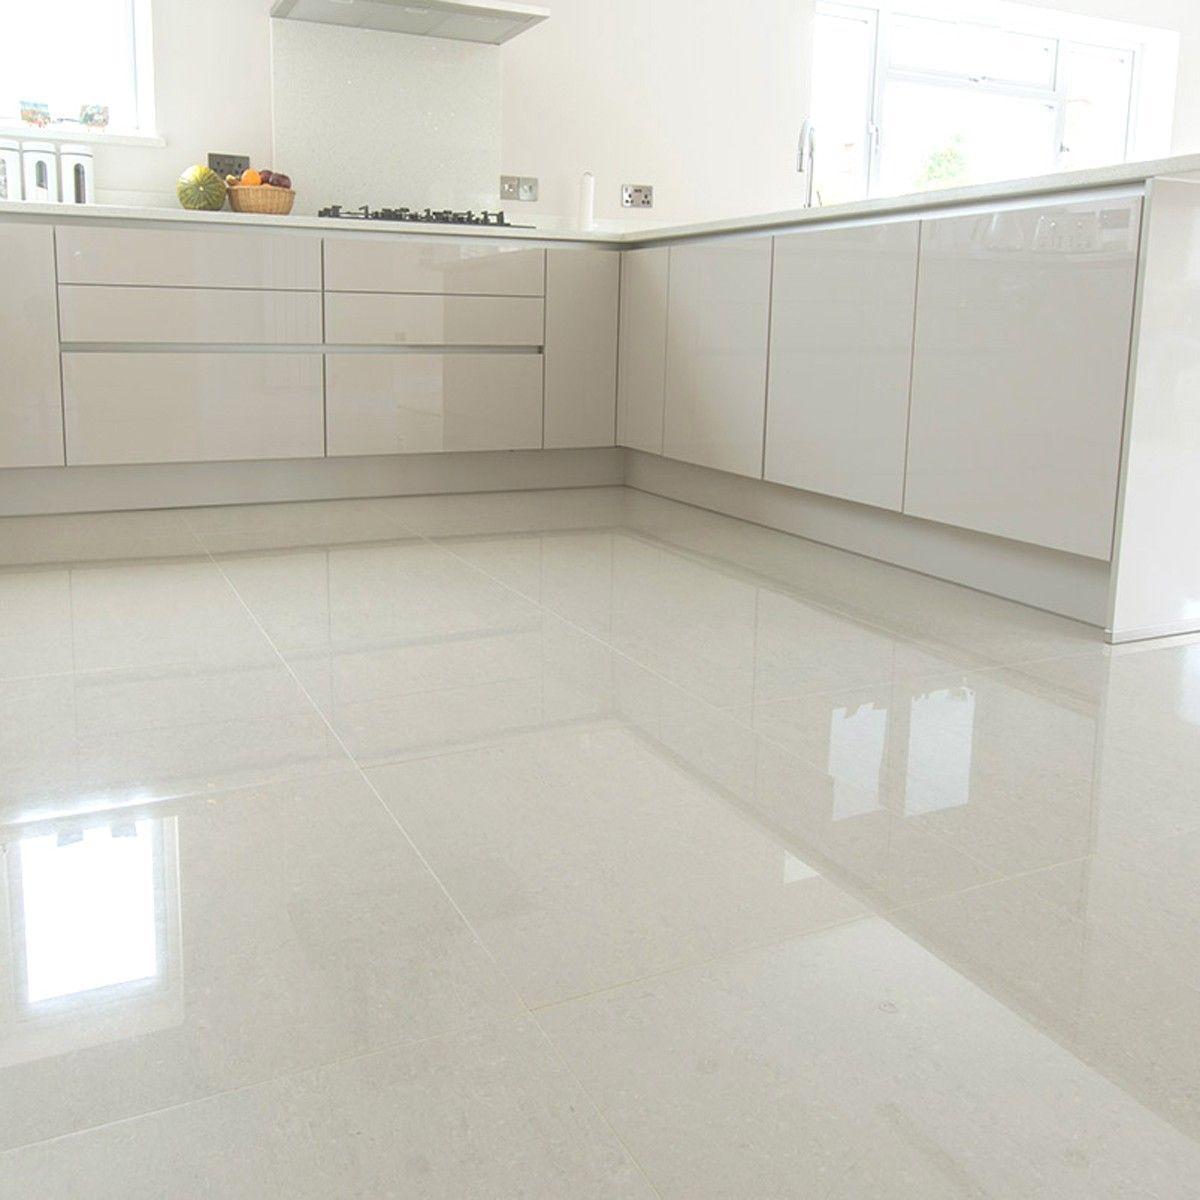 Best Porcelain Tile For Kitchen Floor Flooring Ideas In 2020 Living Room Tiles House Flooring Porcelain Tile Floor Kitchen